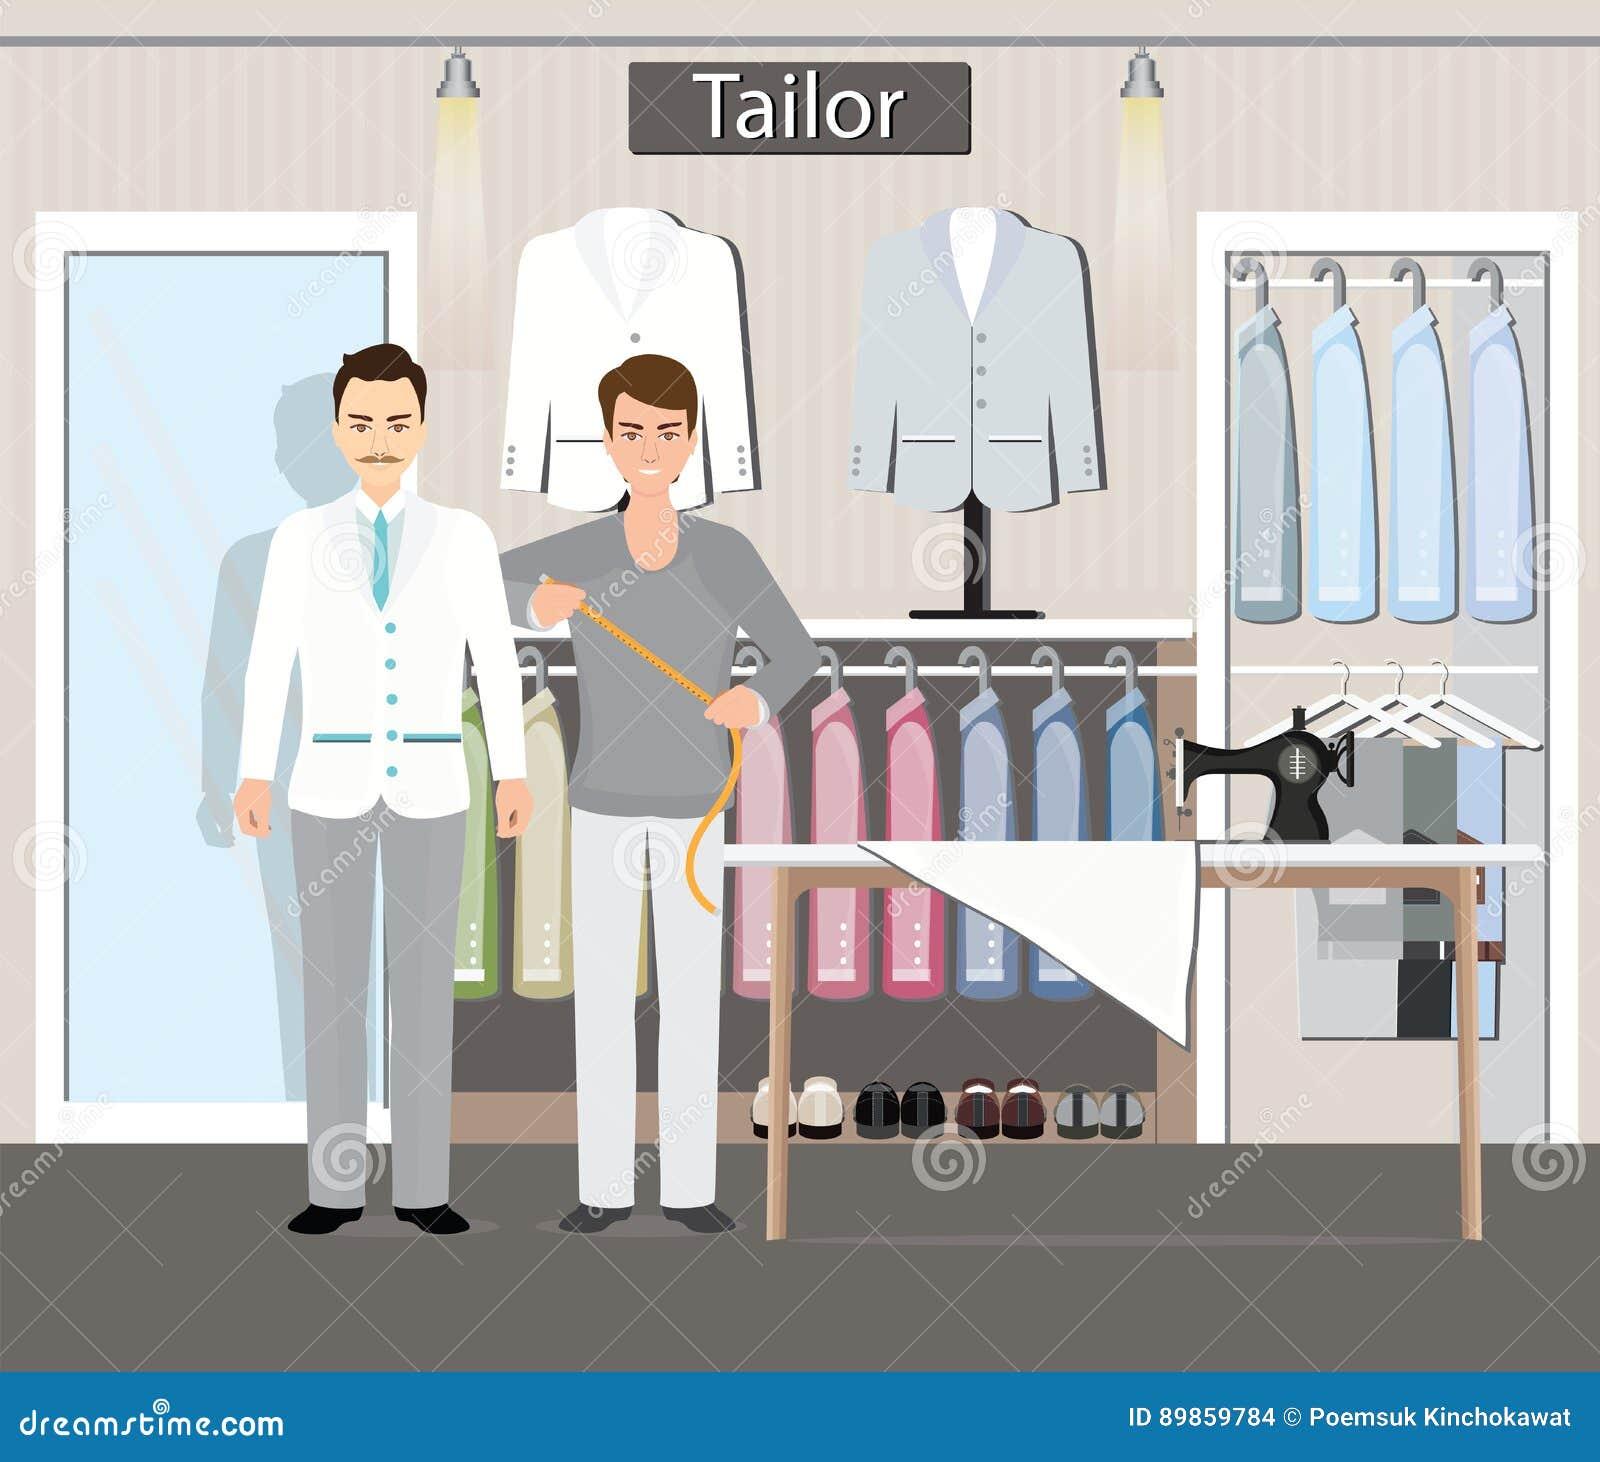 Best clothing store interior design